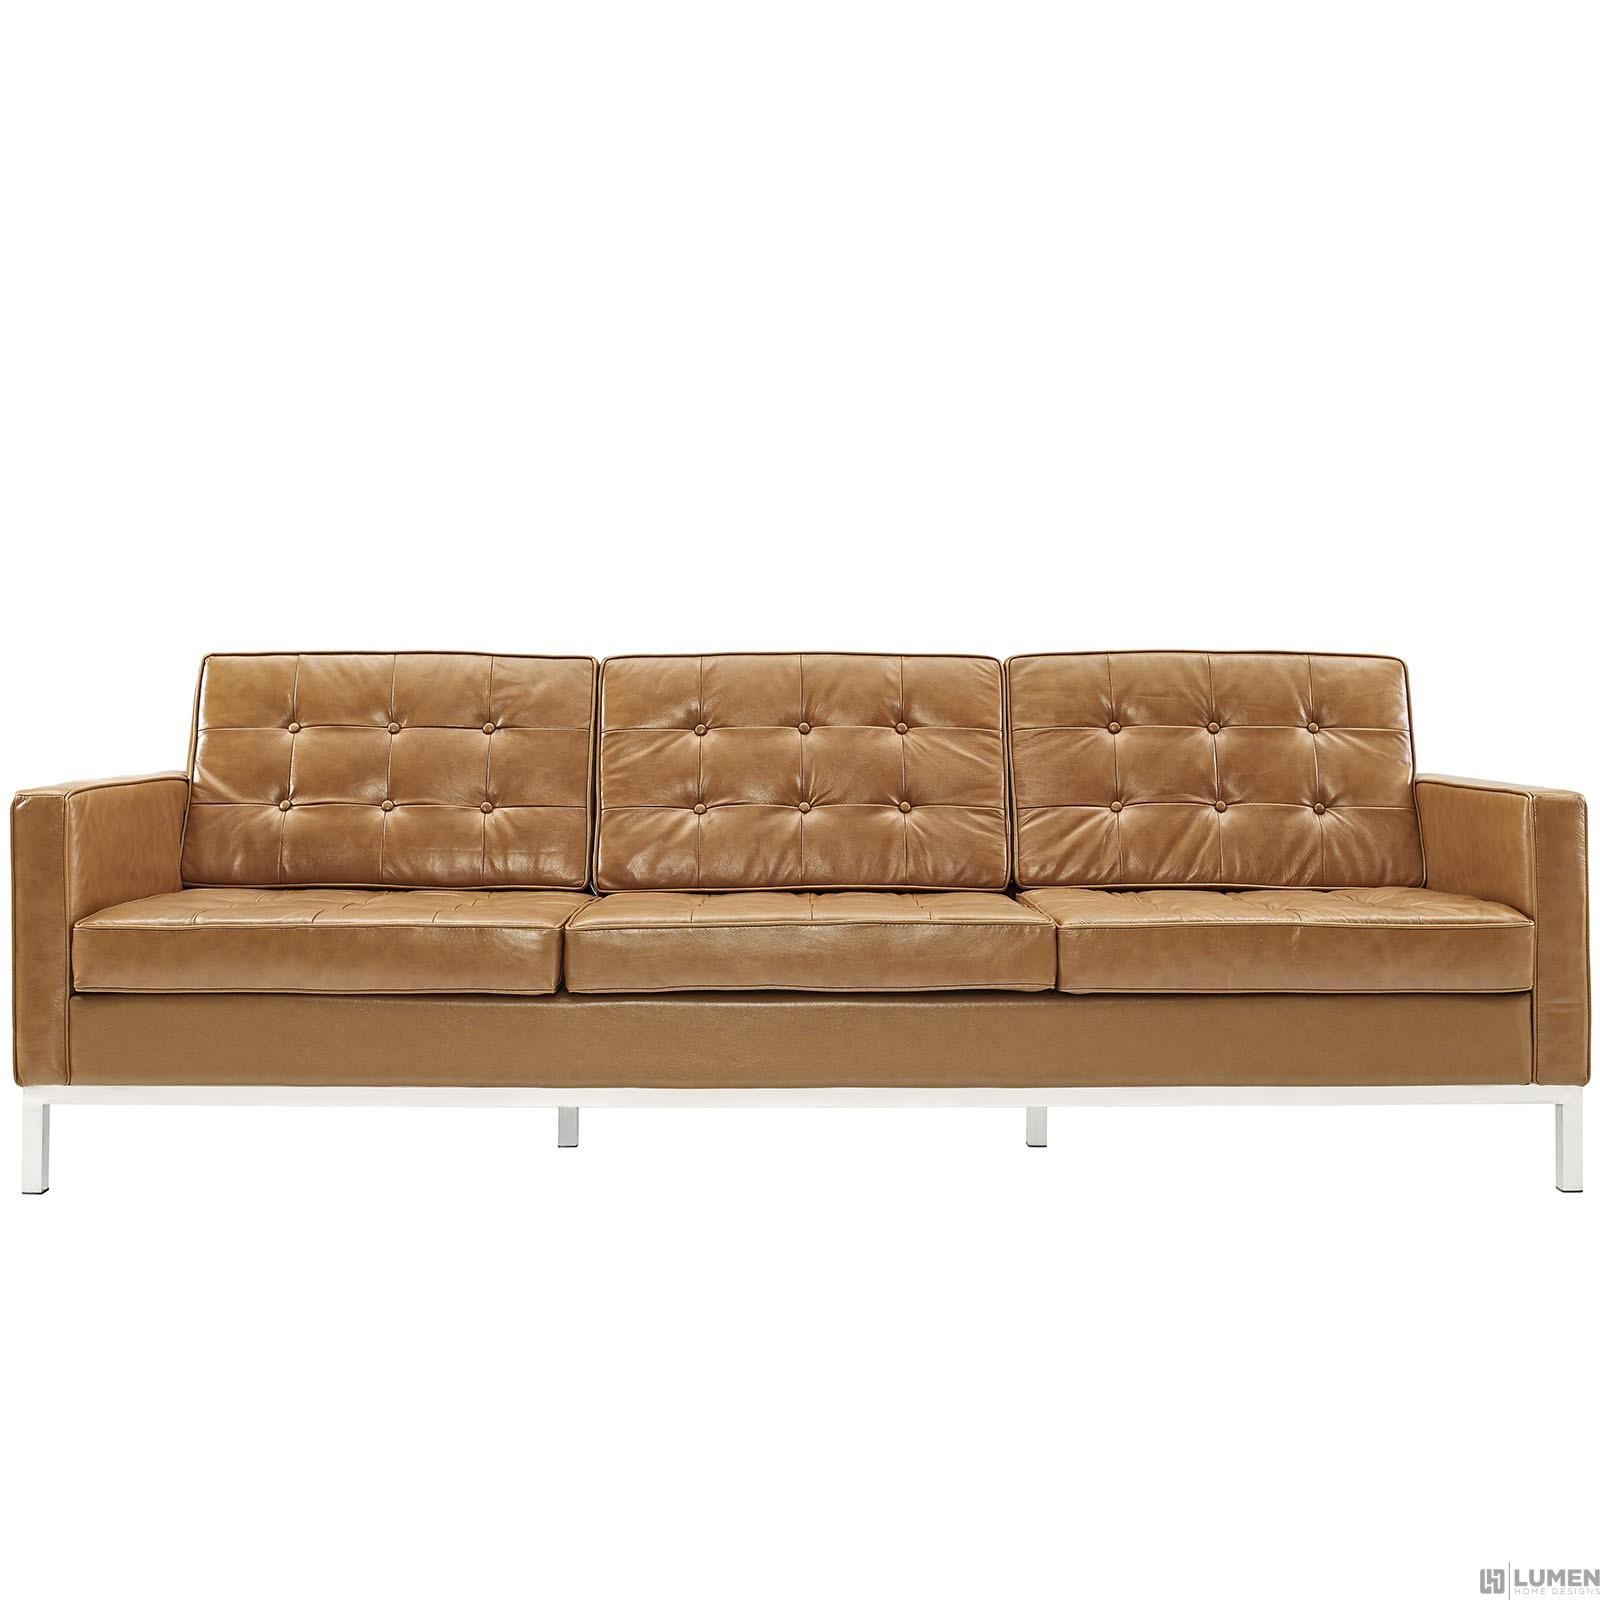 LHD-187-TAN-sofa